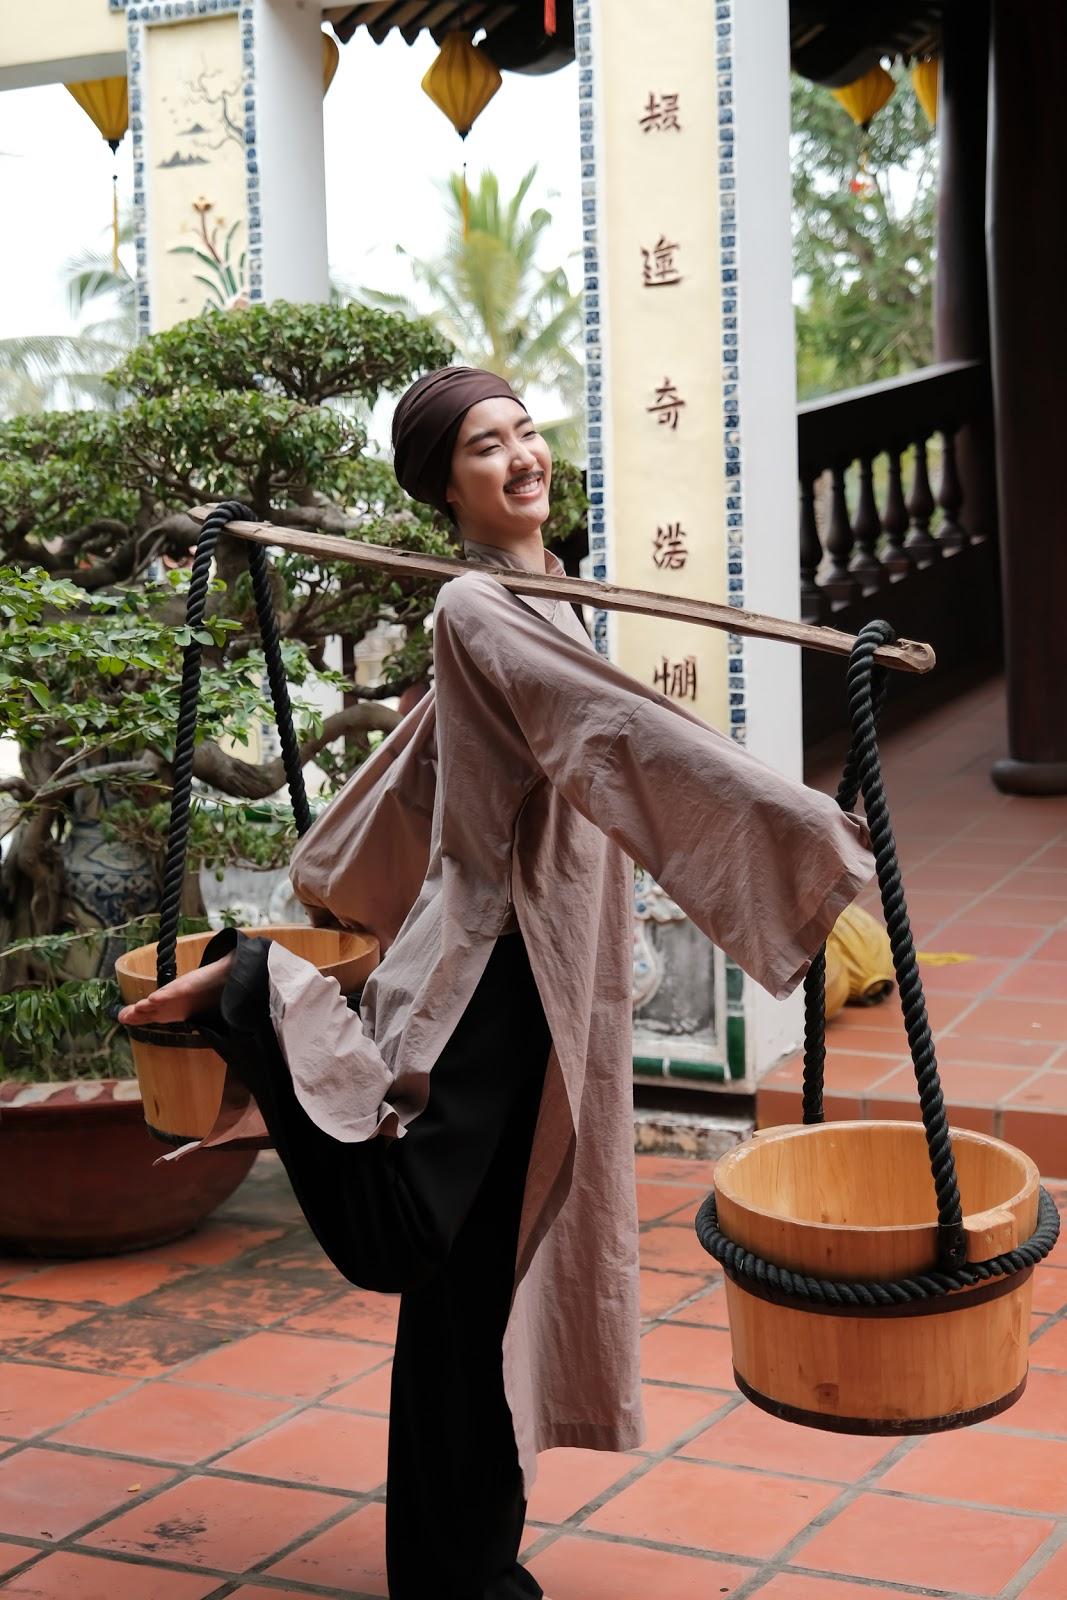 Jang Mi tiết lộ hậu trường hóa trang Chúc Anh Đài cua trai đẹp trong MV tiền tỷ - Hình 5